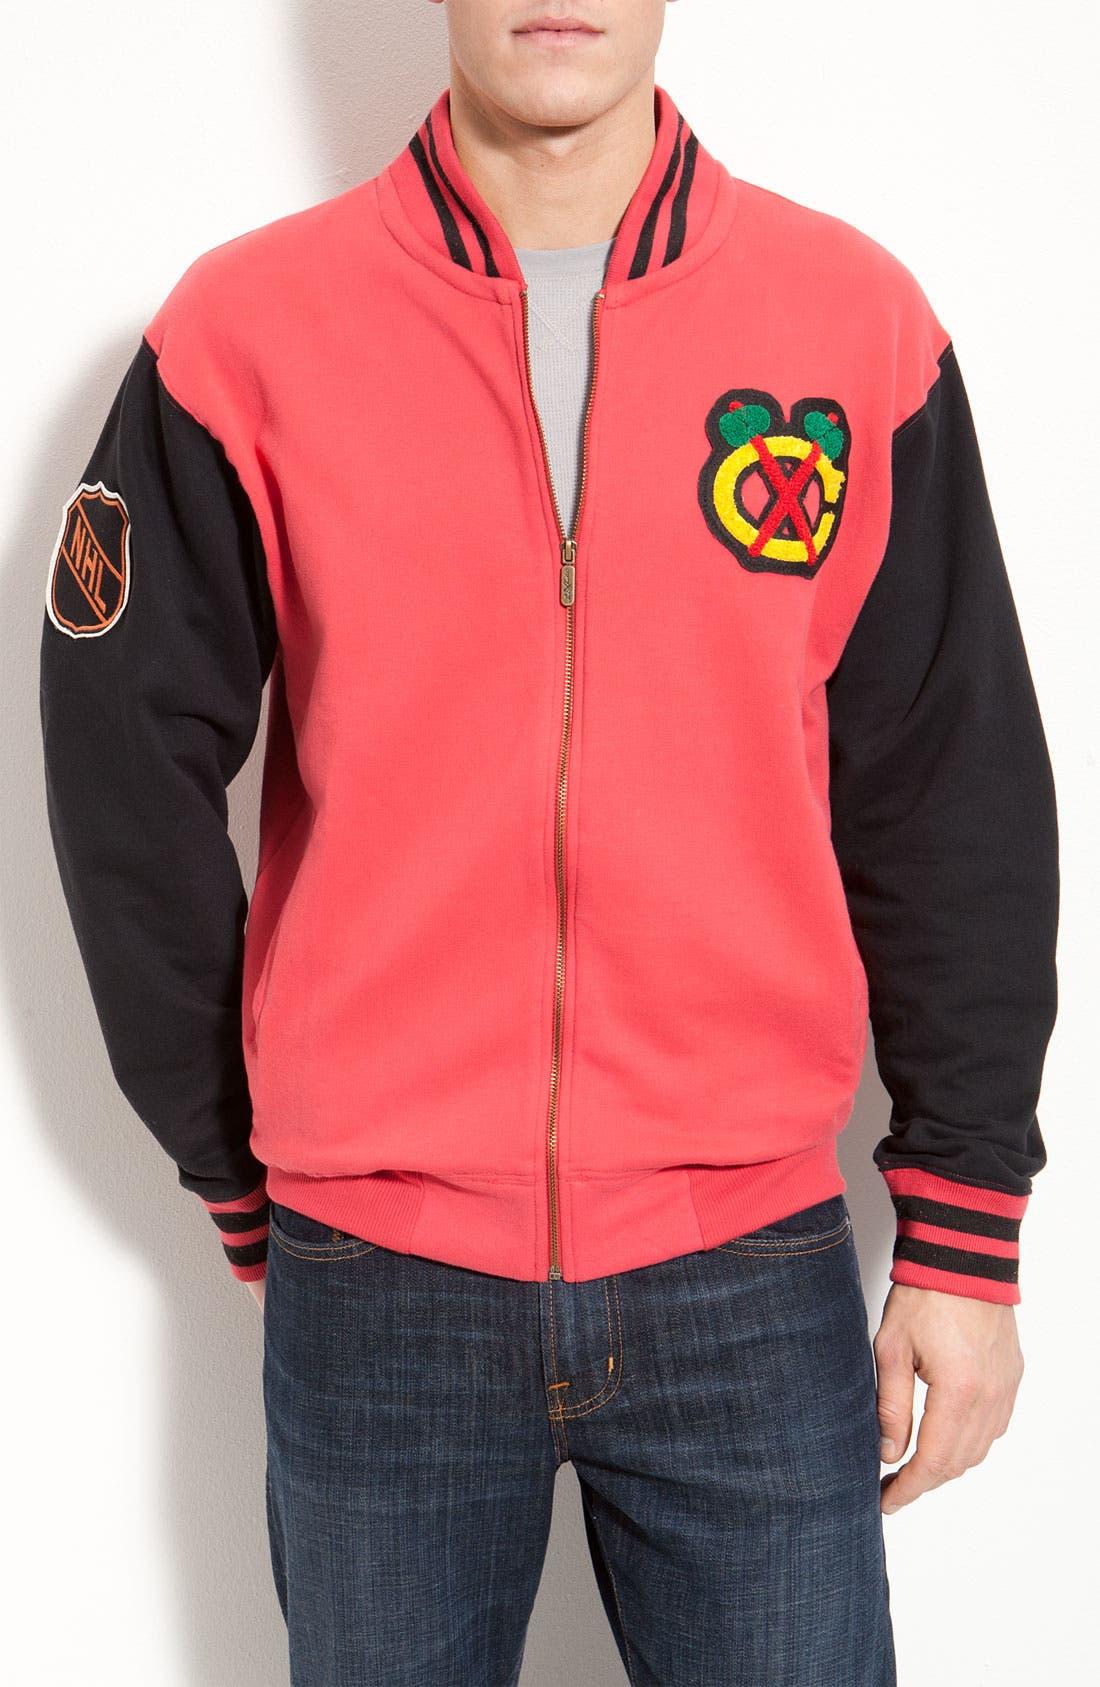 Main Image - Red Jacket 'Homeroom Blackhawks' Jacket